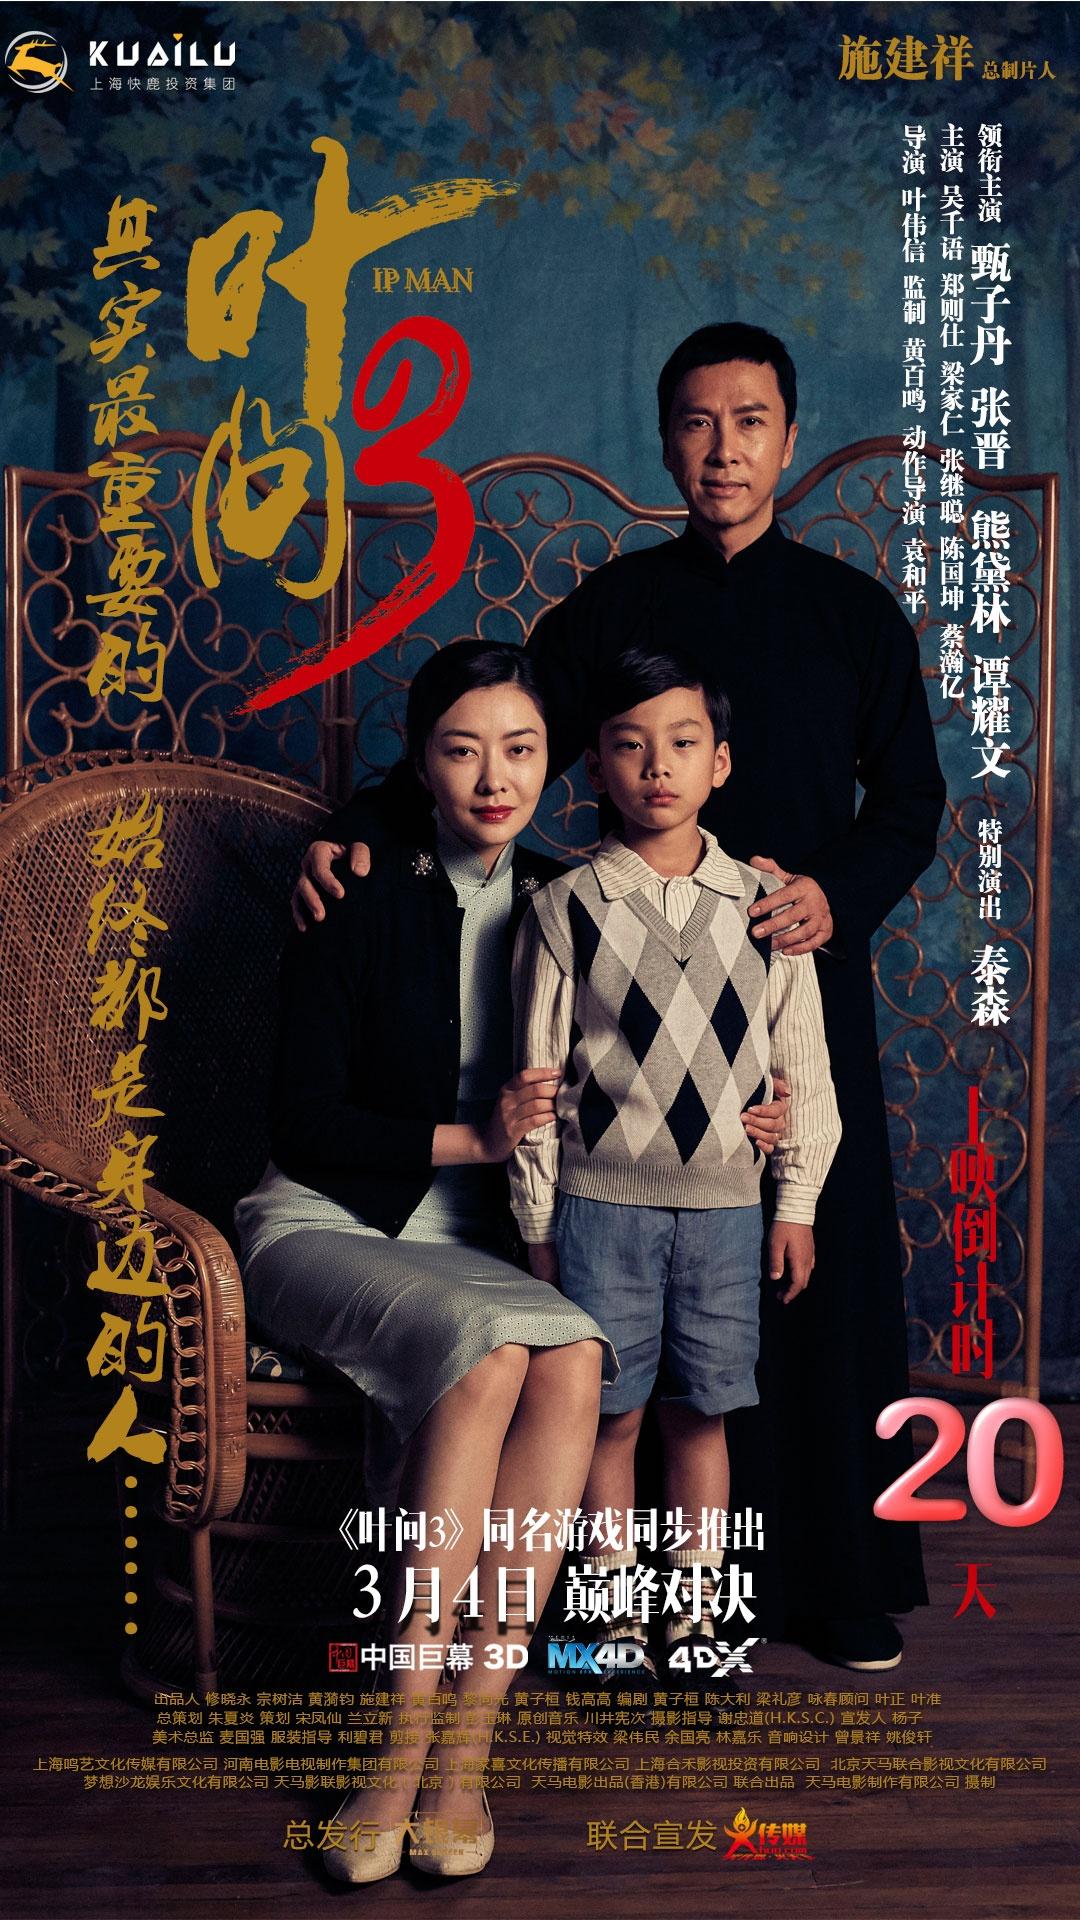 叶问3_电影海报_图集_电影网图片